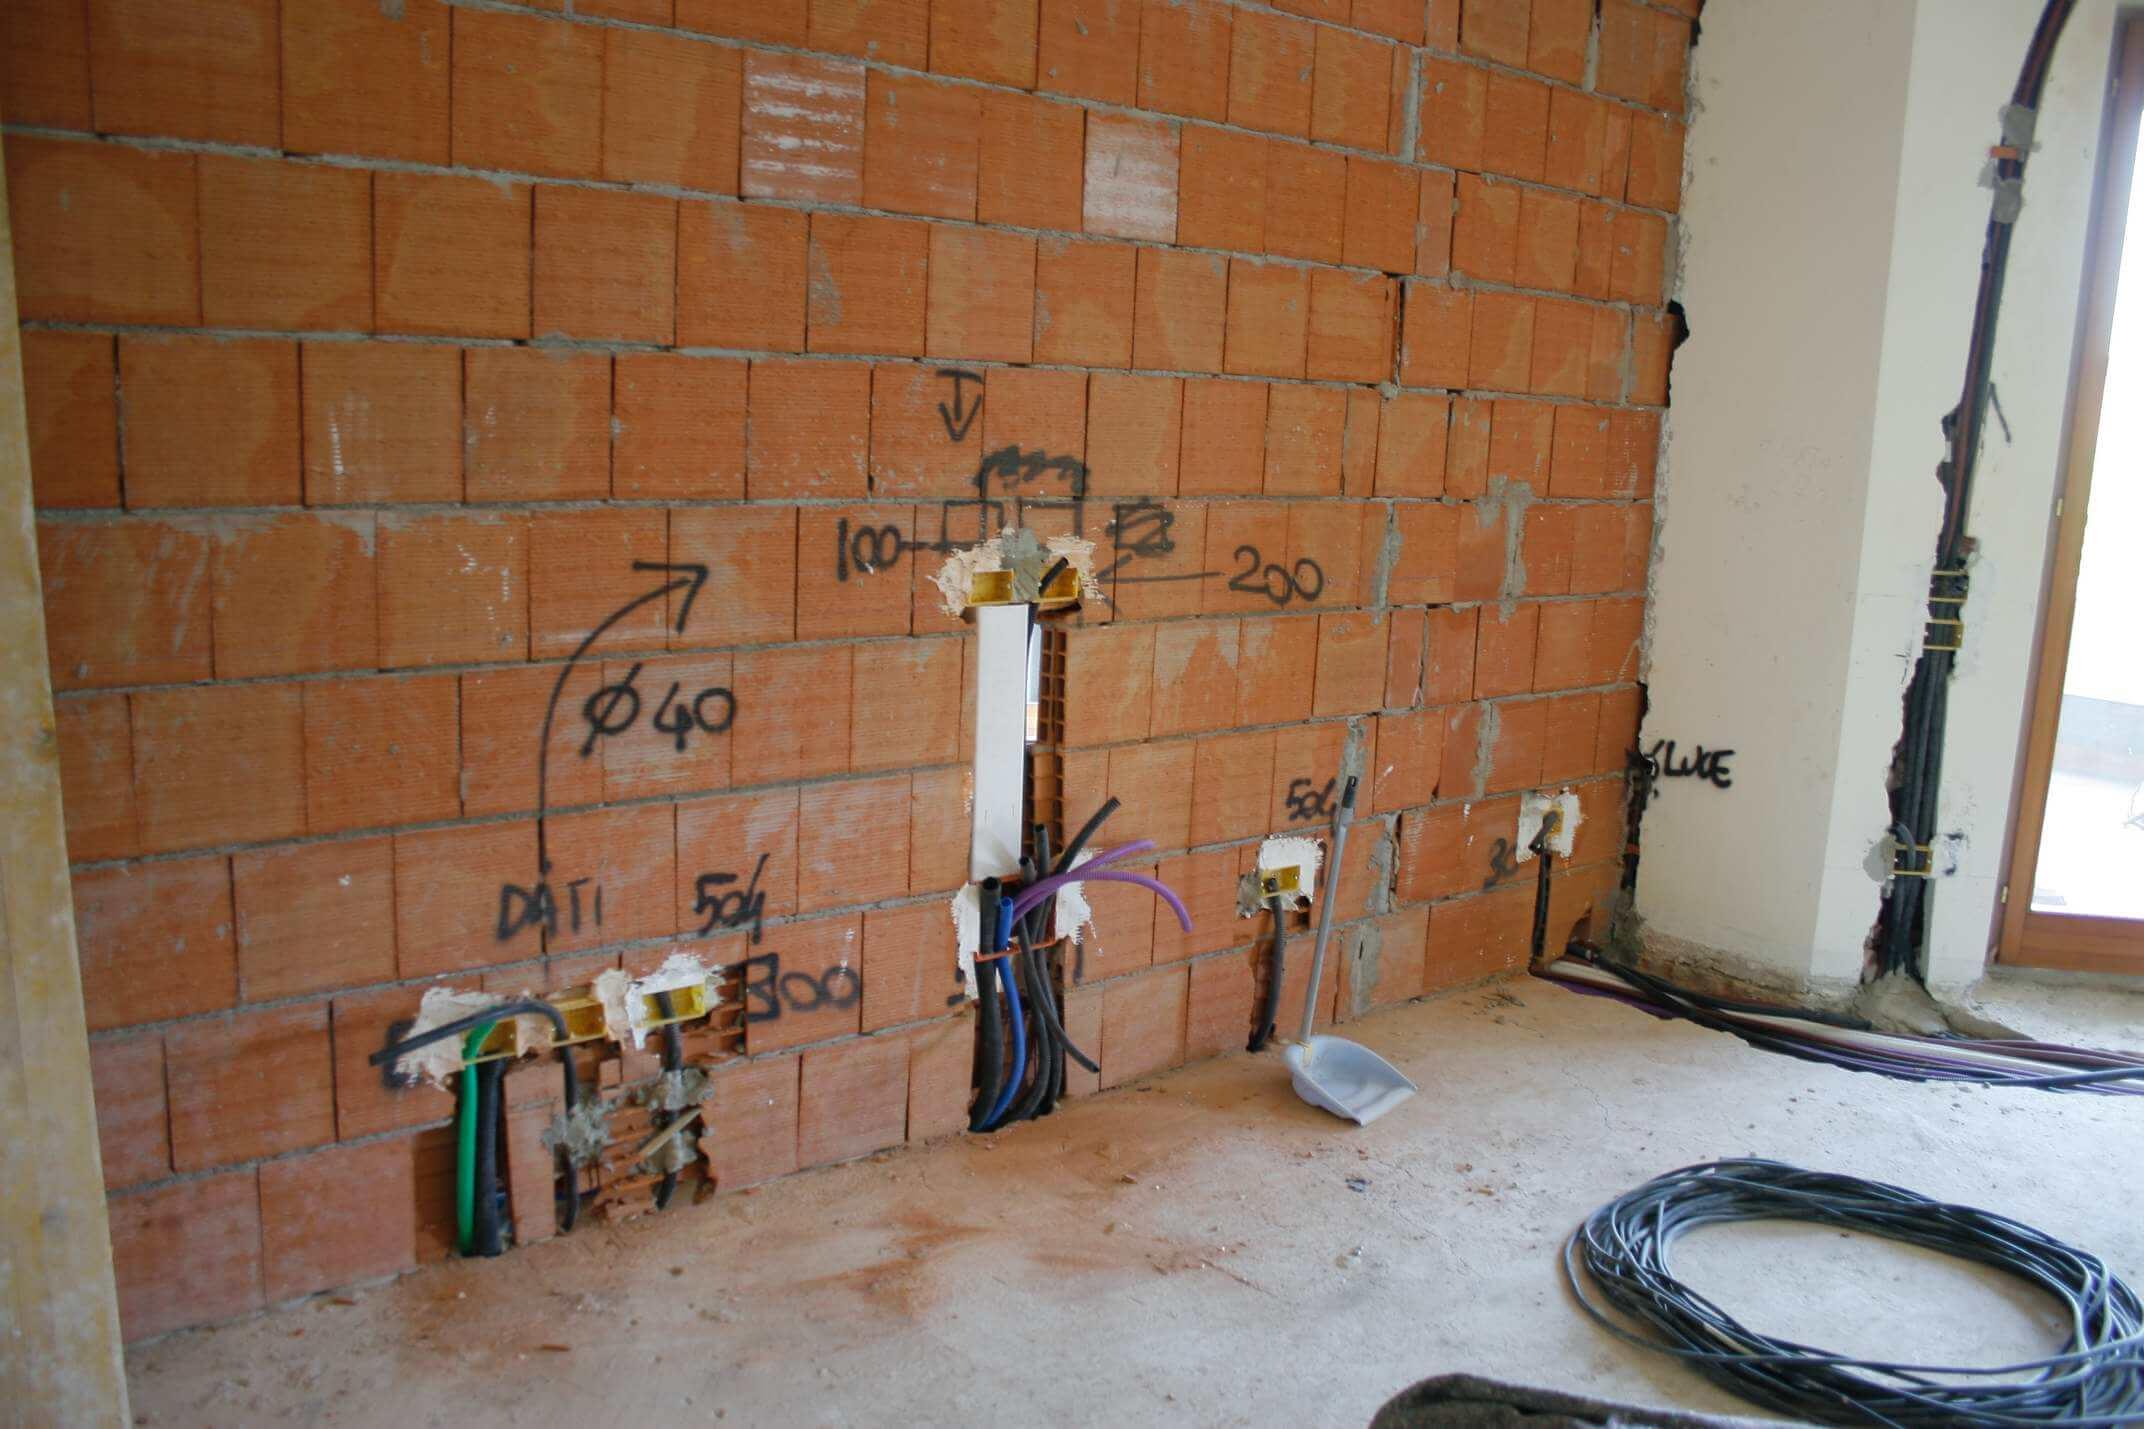 Impianto elettrico nuovo come andrebbe fatto - Colori dei fili impianto elettrico casa ...